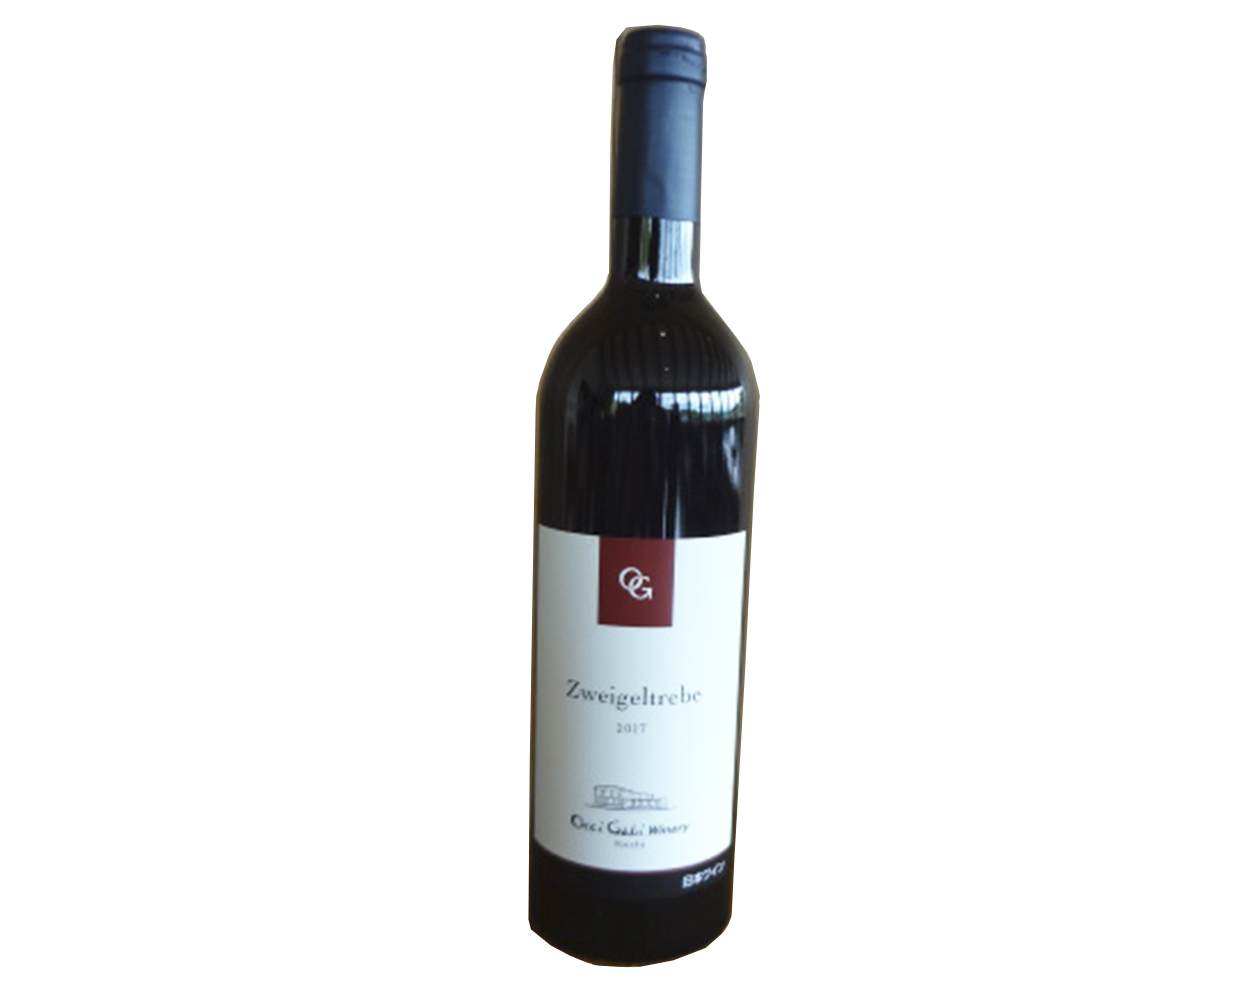 赤ワイン ツヴァイゲルトレーベ 2017 750ml